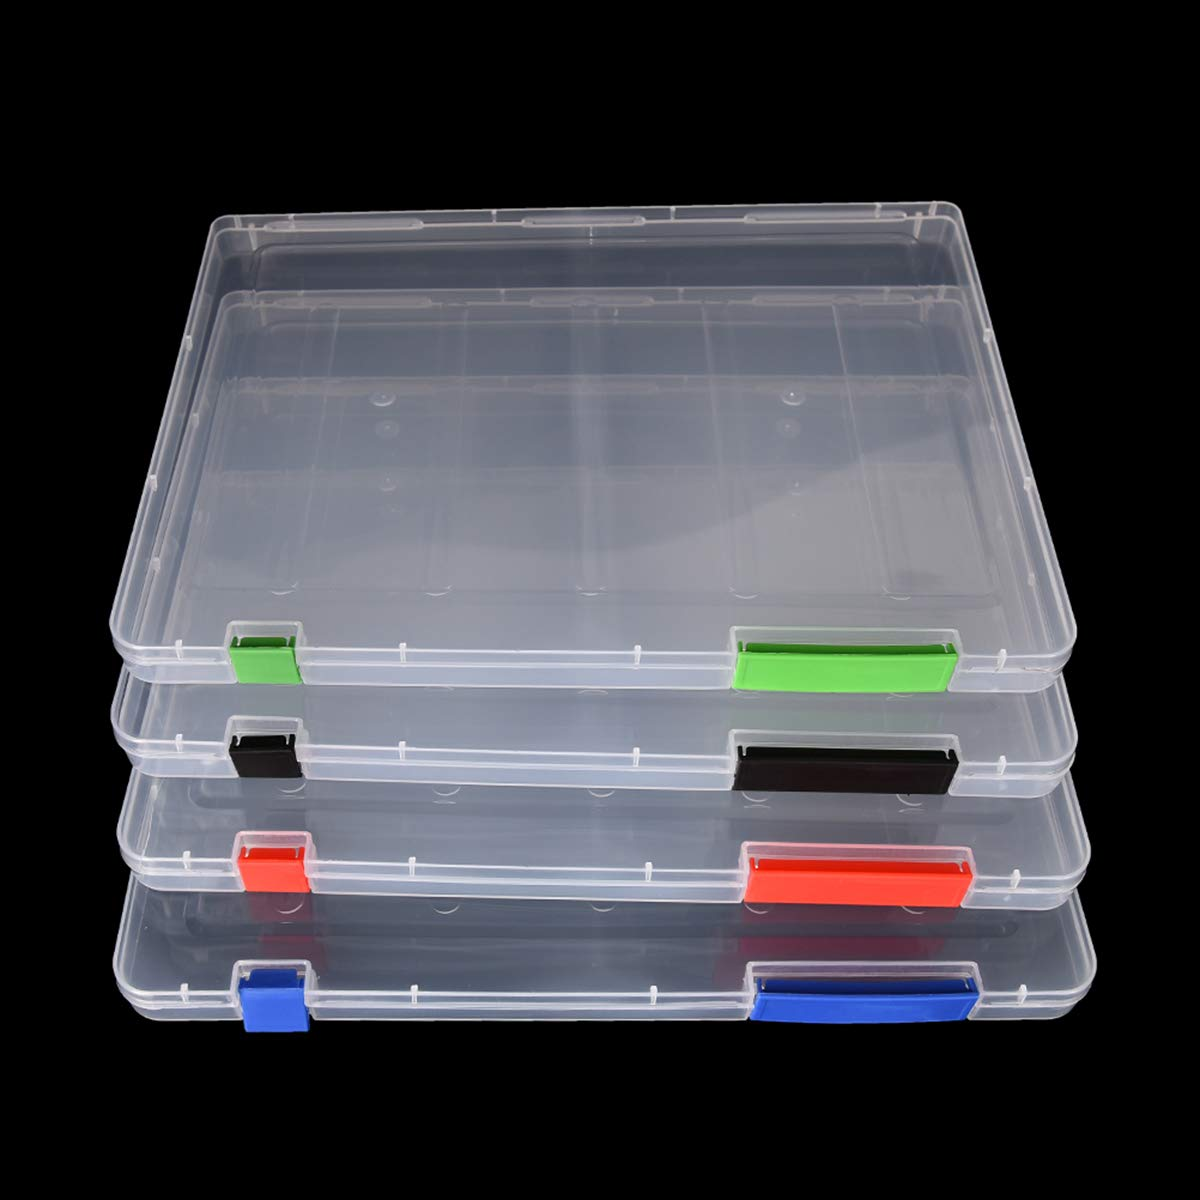 4 piezas Carpeta plástica A4 caja de archivo organizadores cajas de caja de almacenamiento Caja de cajas de archivo de plástico transparente, fuentes de oficina, portadocumentos (31 * 23 * 2cm): Amazon.es: Oficina y papelería